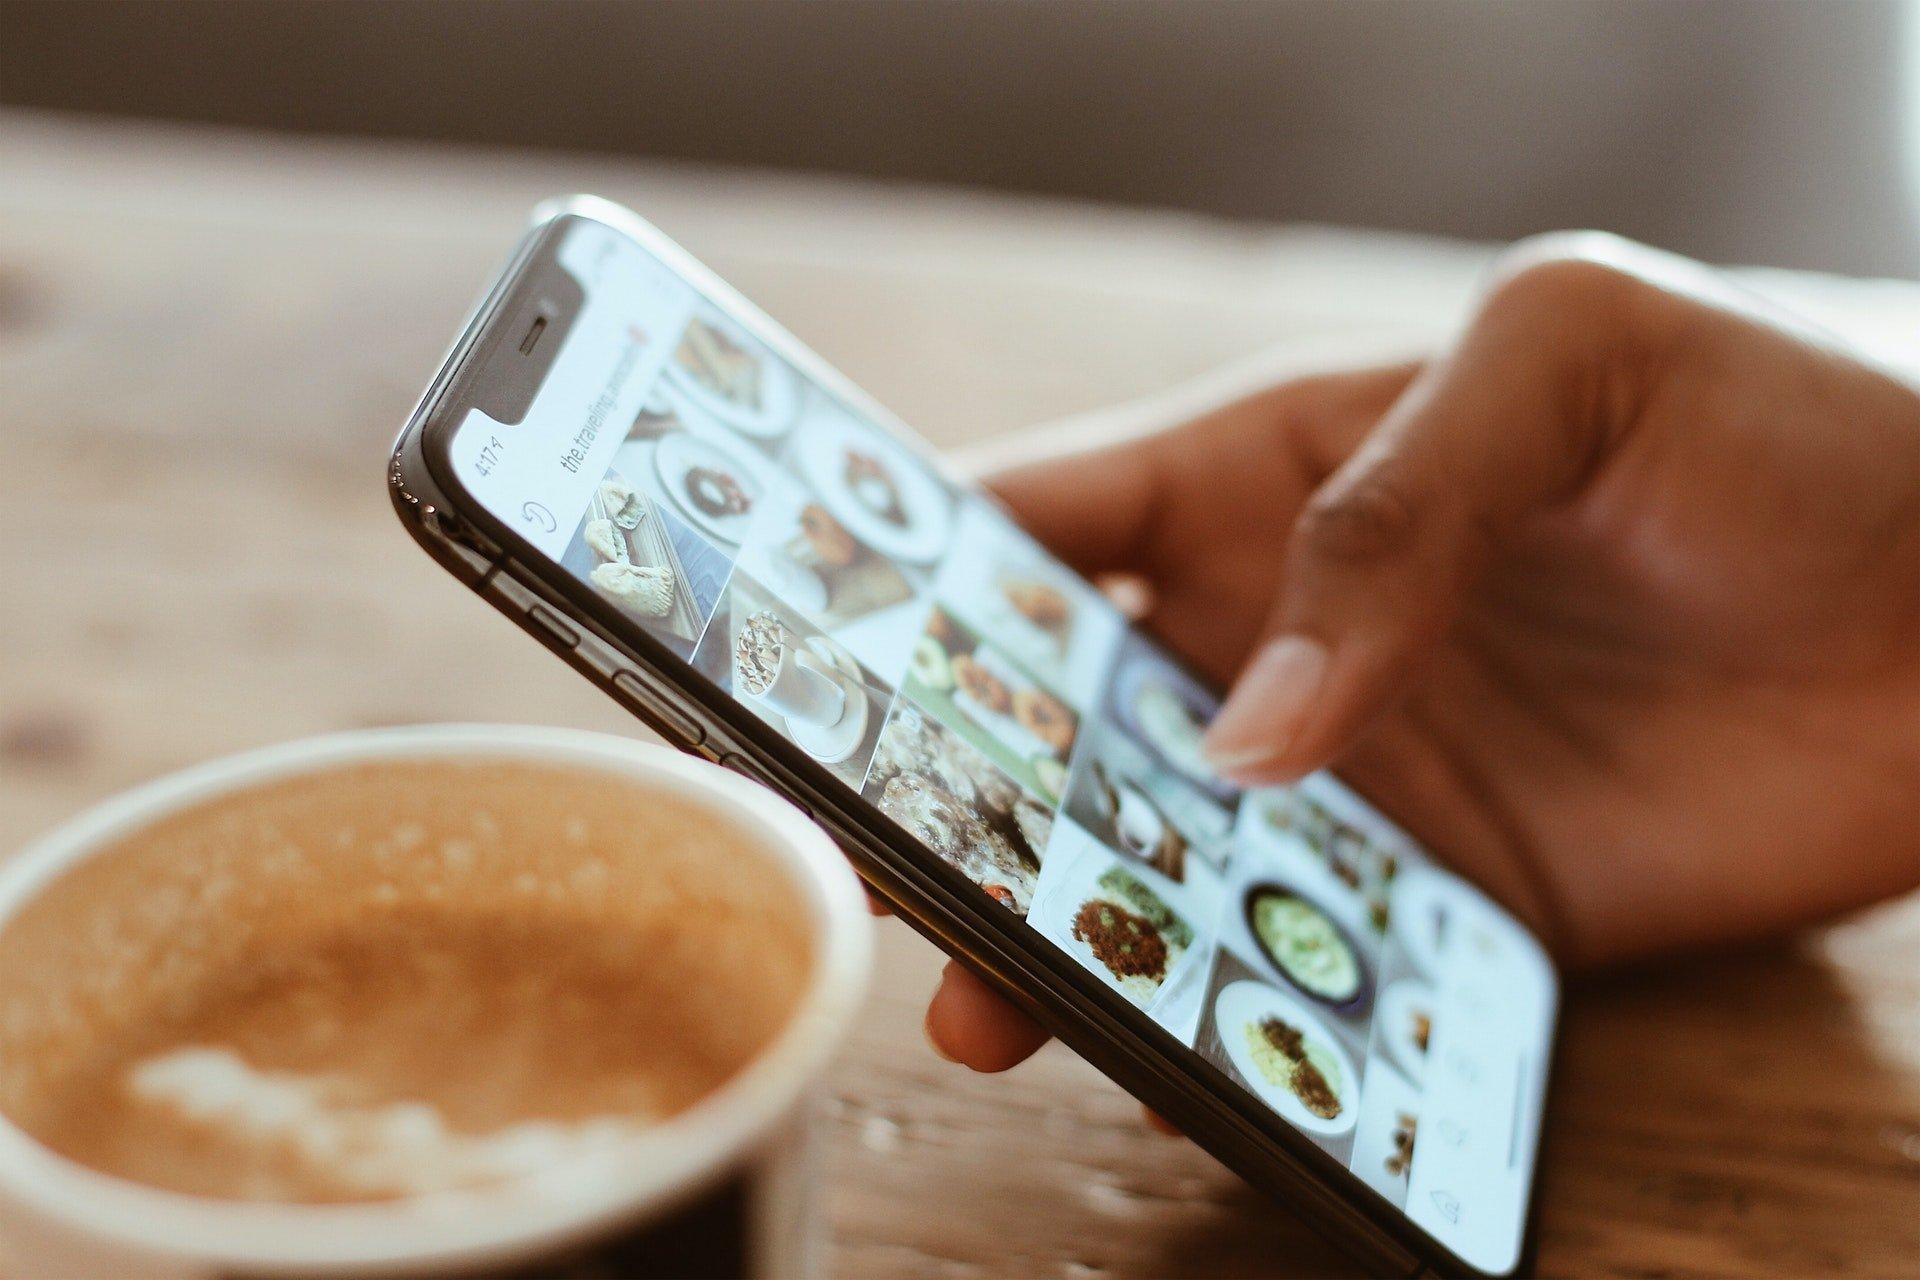 Agencia Digital: Cambios en Redes Sociales 2021 - 2022